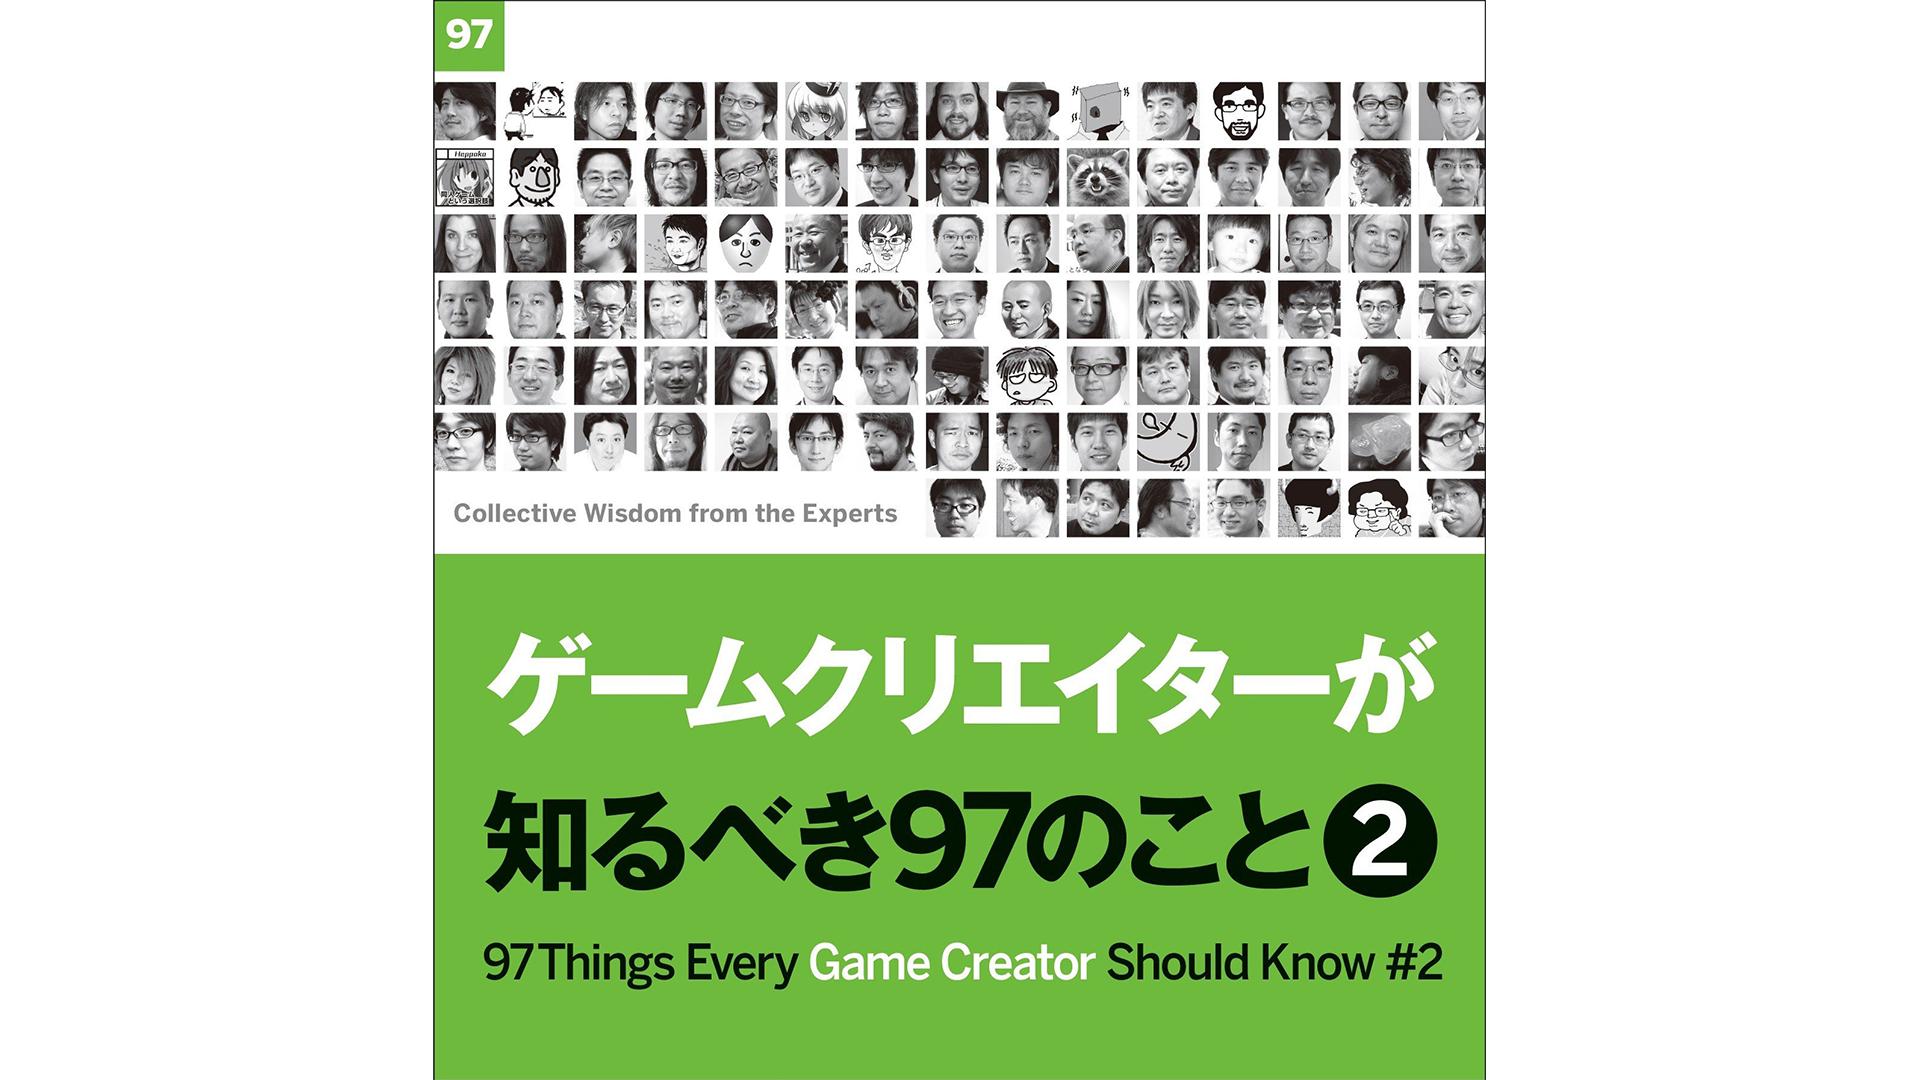 オライリー・ジャパン「ゲームクリエイターが知るべき97のこと 2」に弊社取締役COOのエミリオ・ガジェゴがローカライズをテーマに寄稿!ローカライズ、インターナショナリゼーション、それらを含むグローバリゼーションについて熱く語る